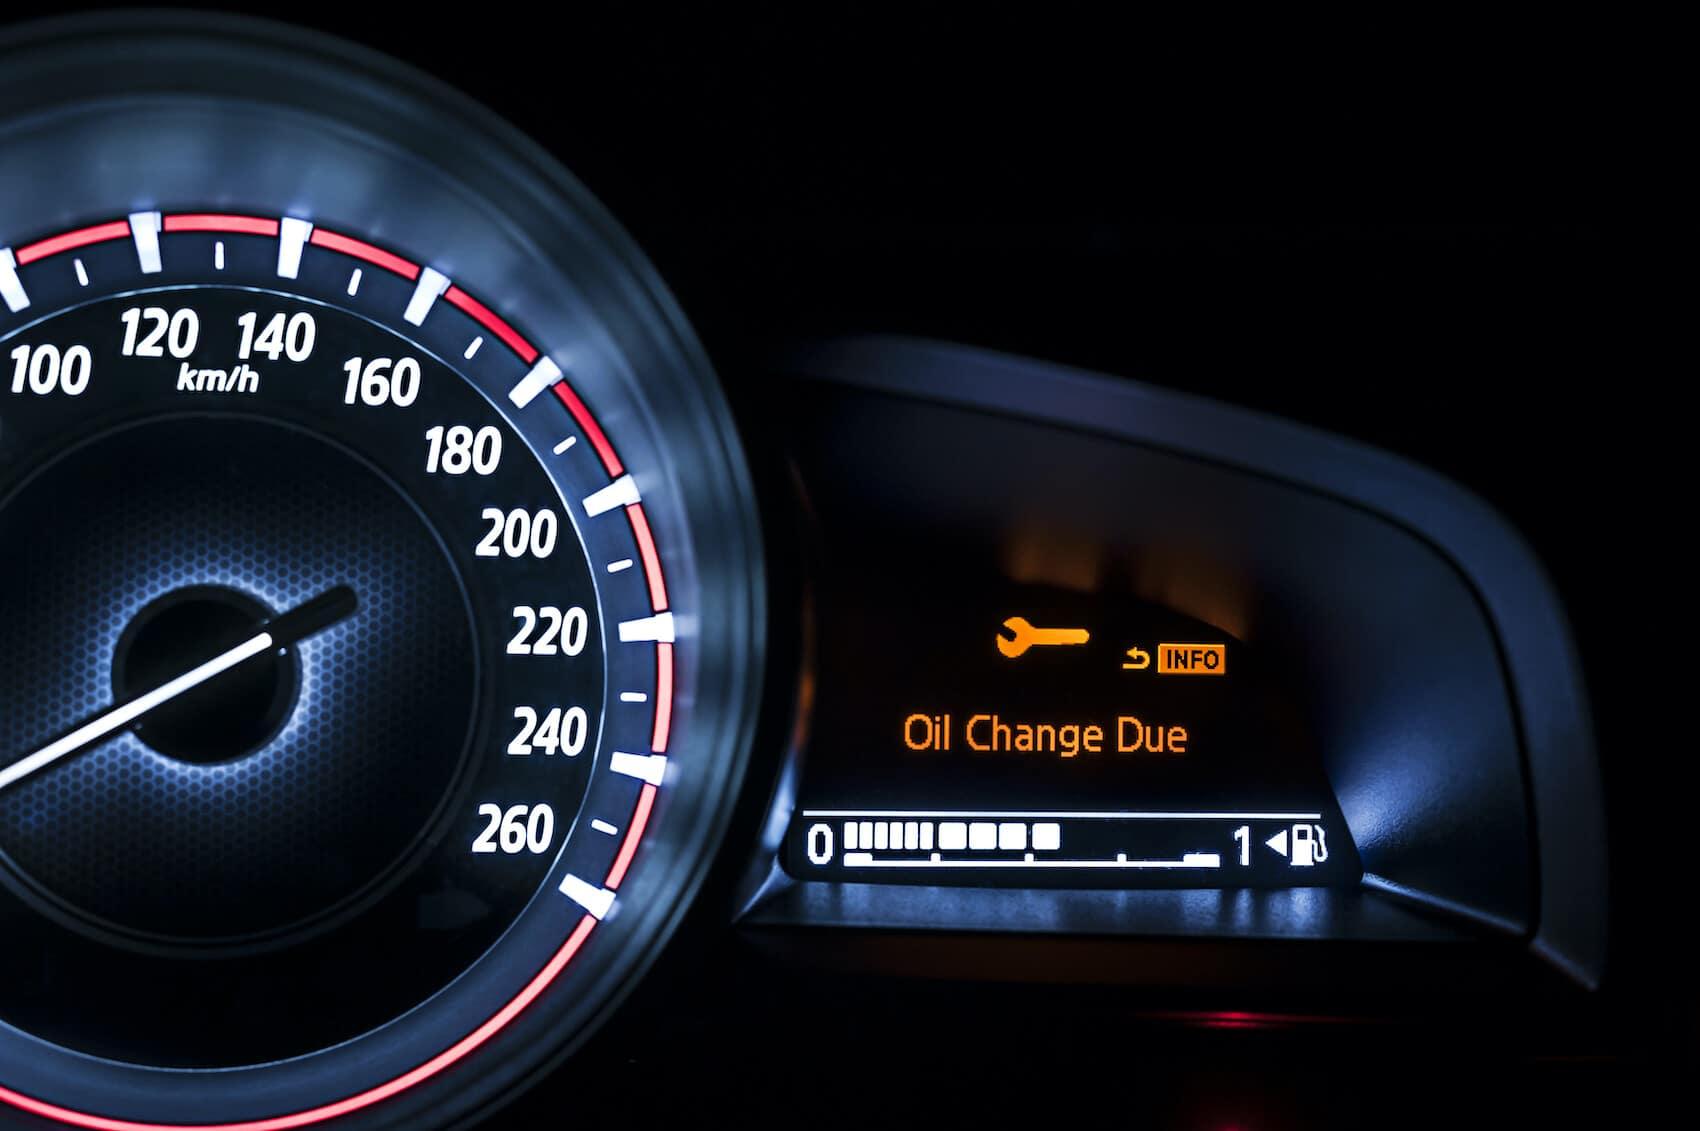 Honda Maintenance Minder